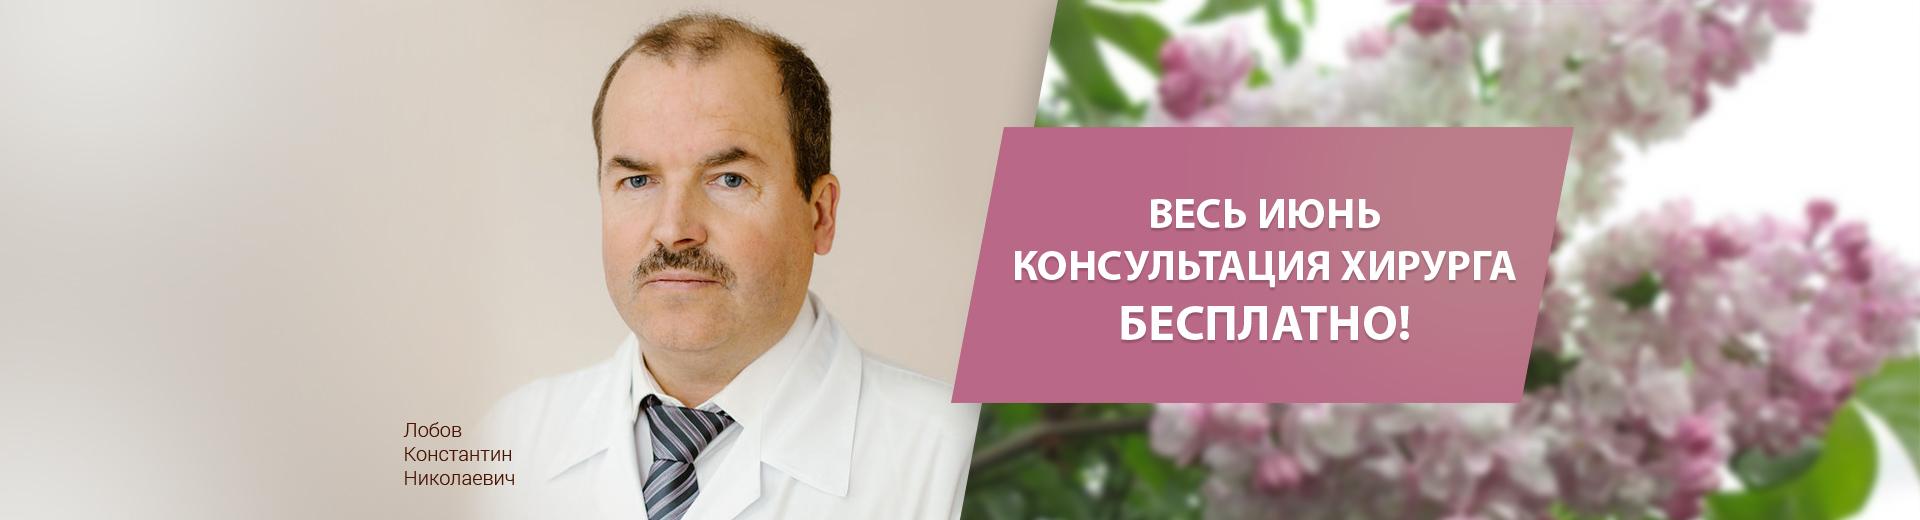 Весь июнь консультация хирурга бесплатно!